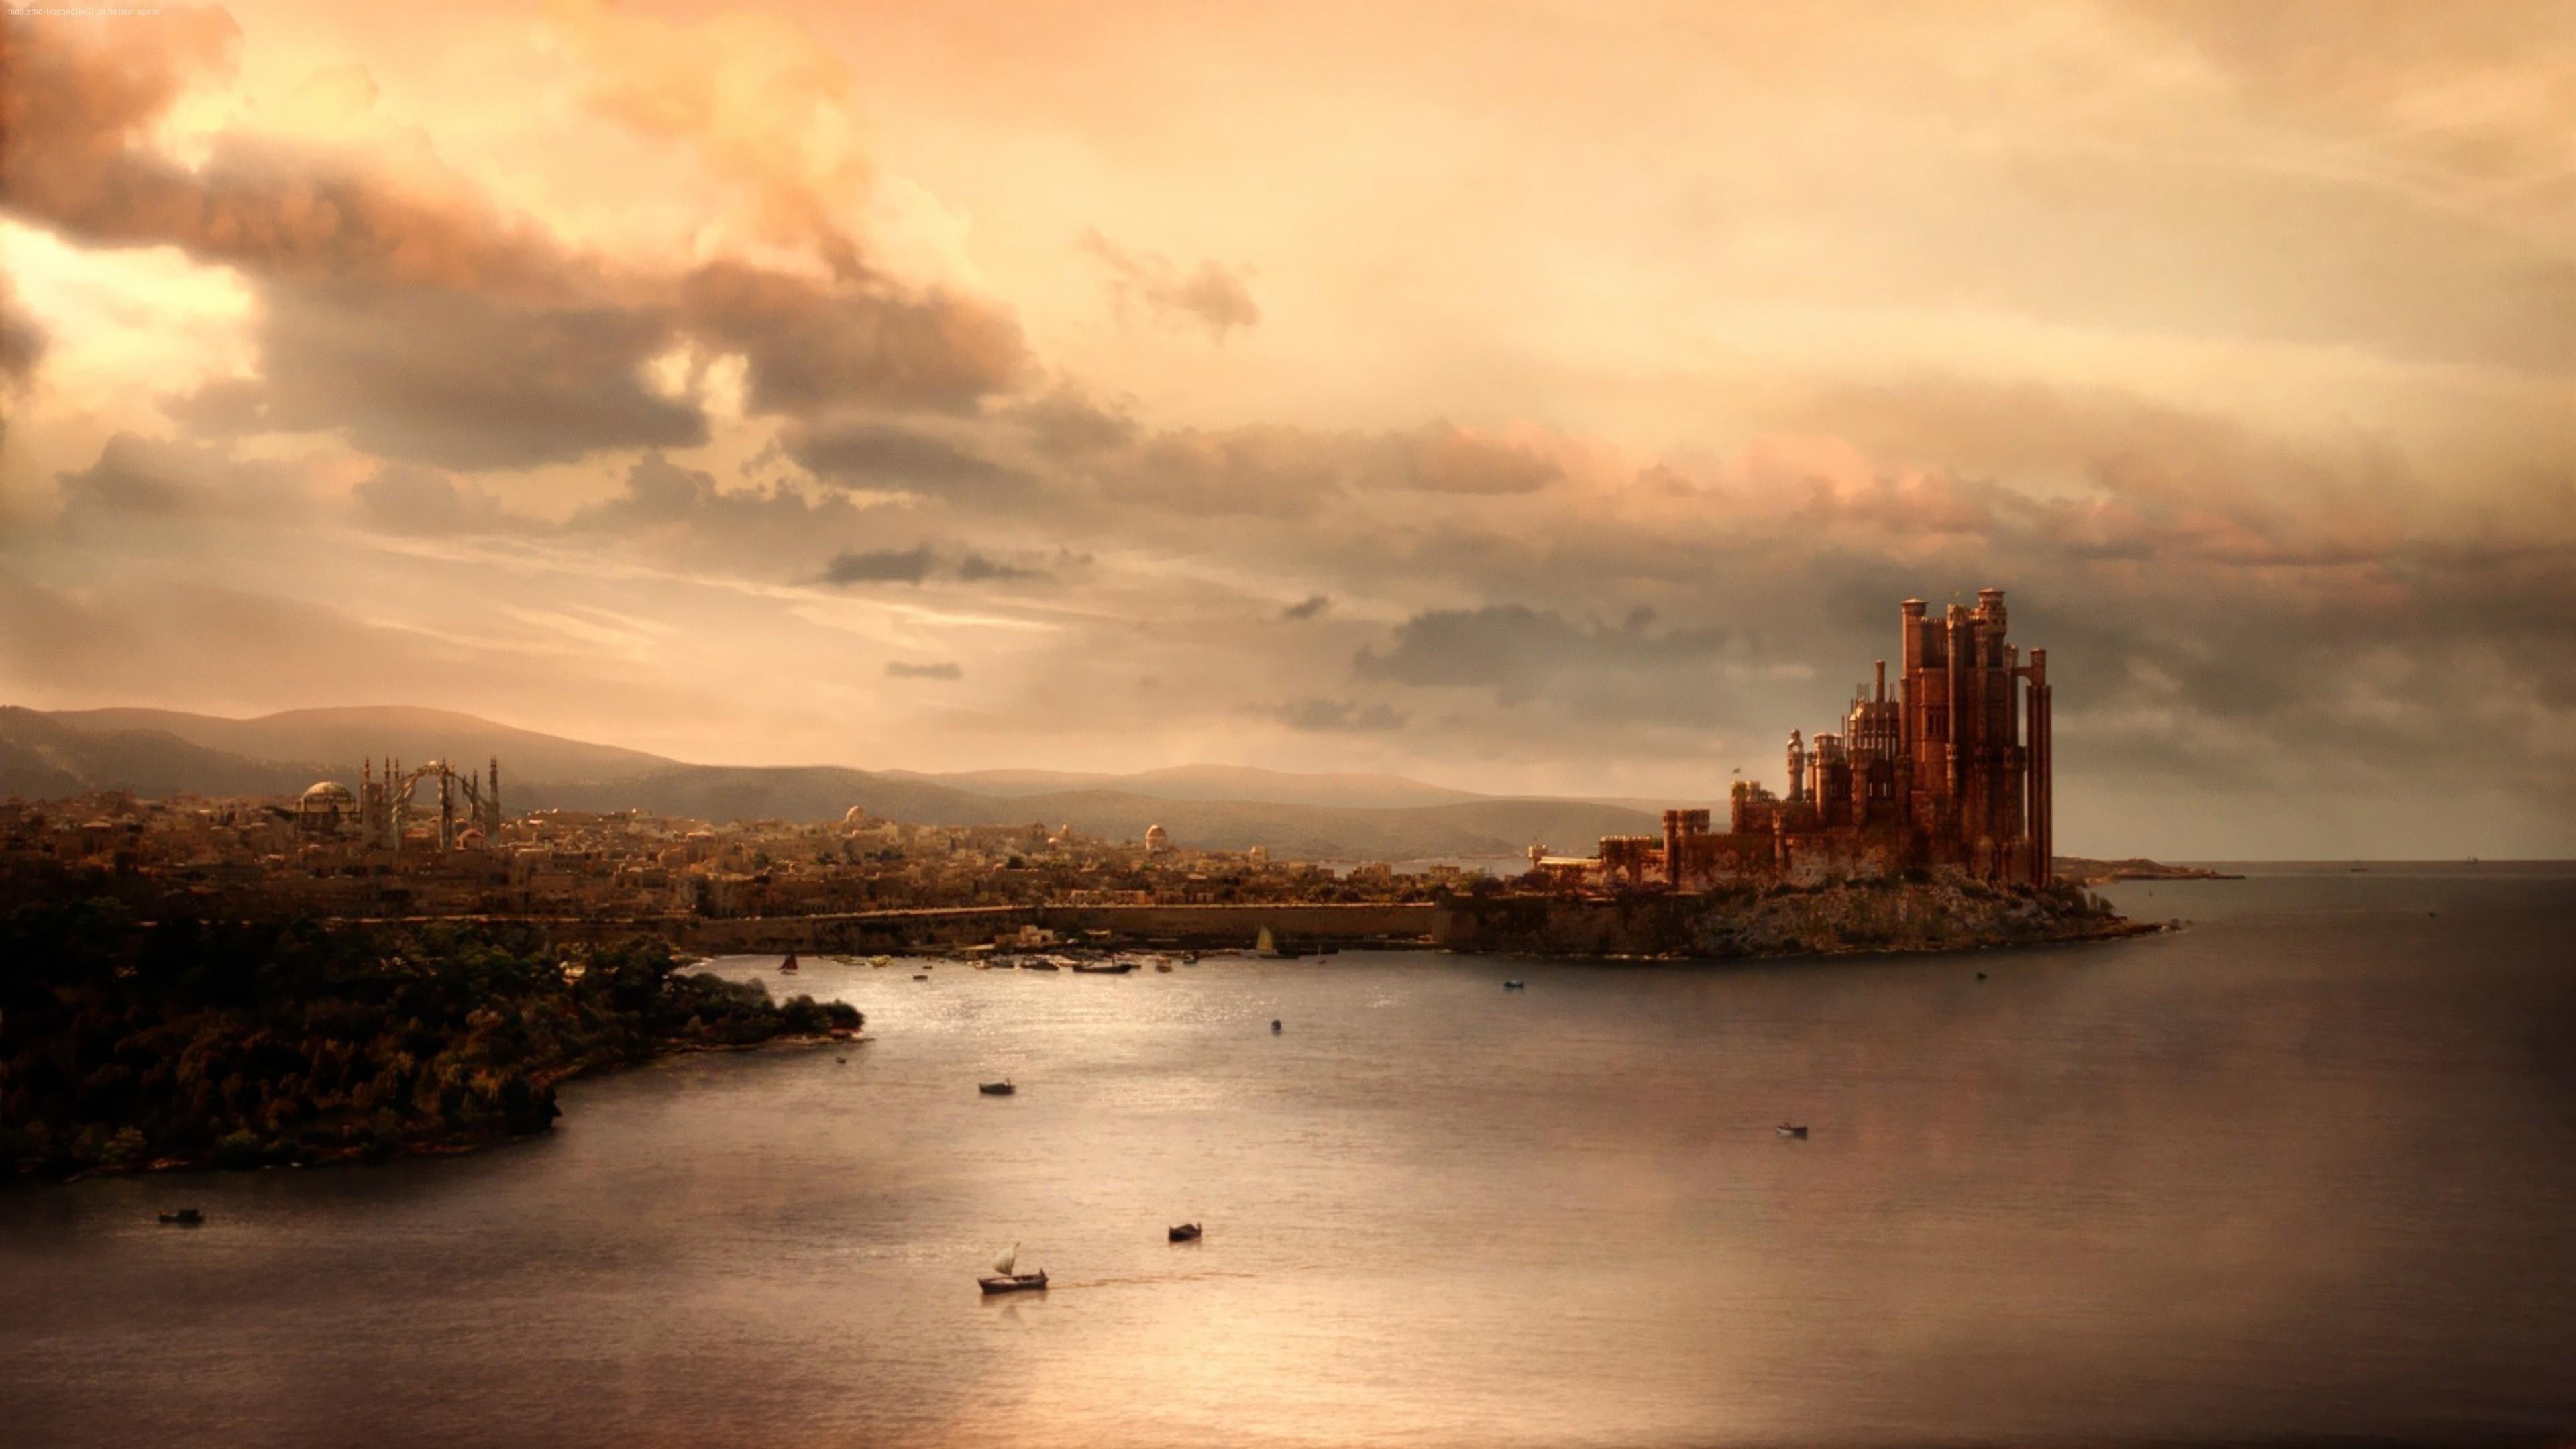 Game of Thrones Map of desktop wallpaper High